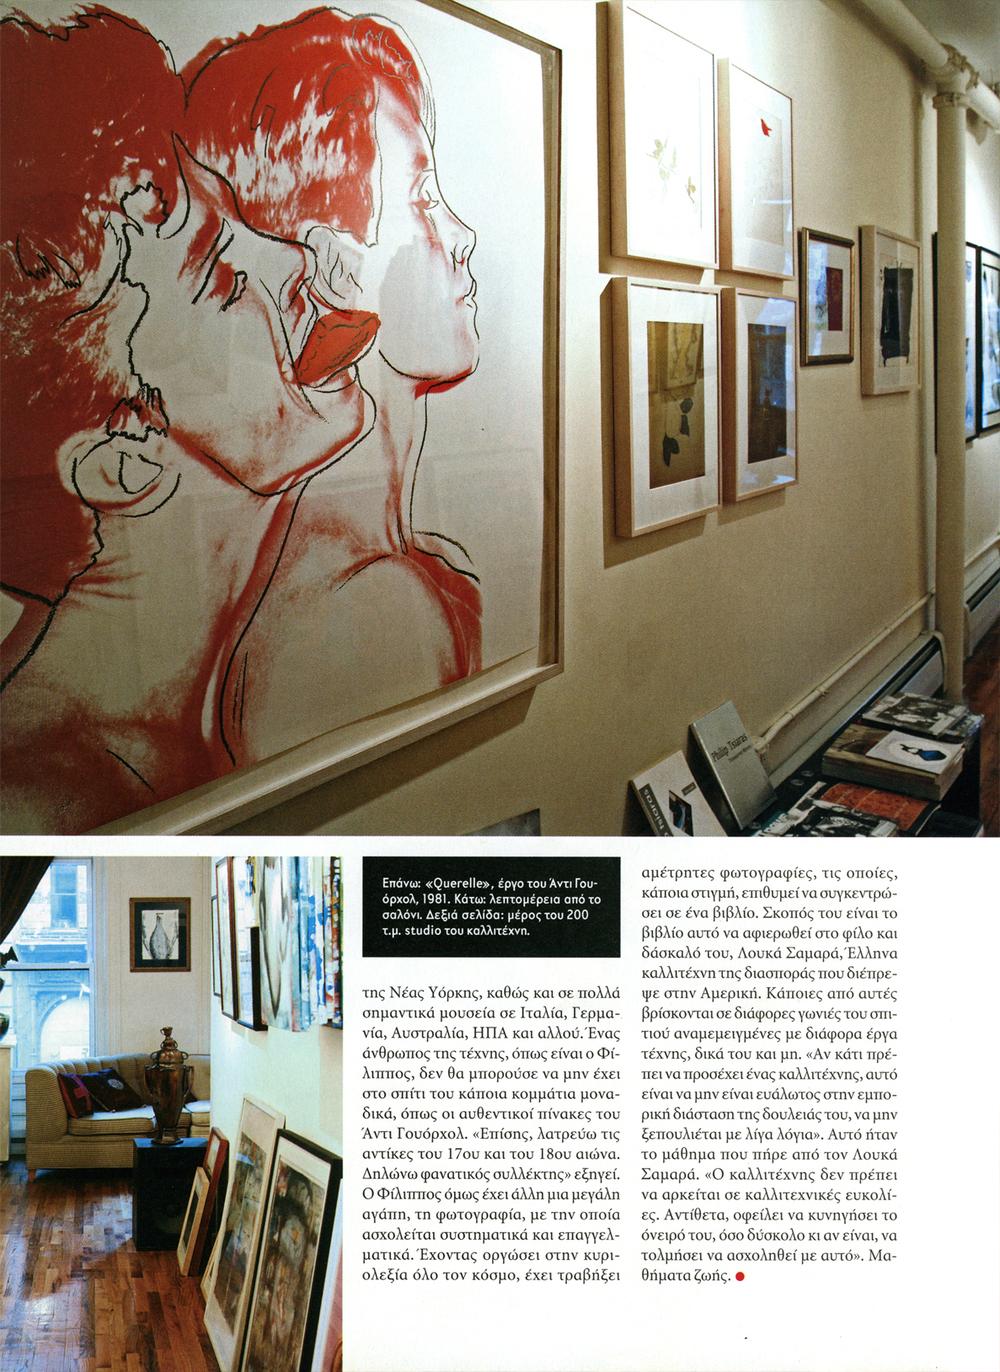 ETweekly-2-10-08-pg5.jpg